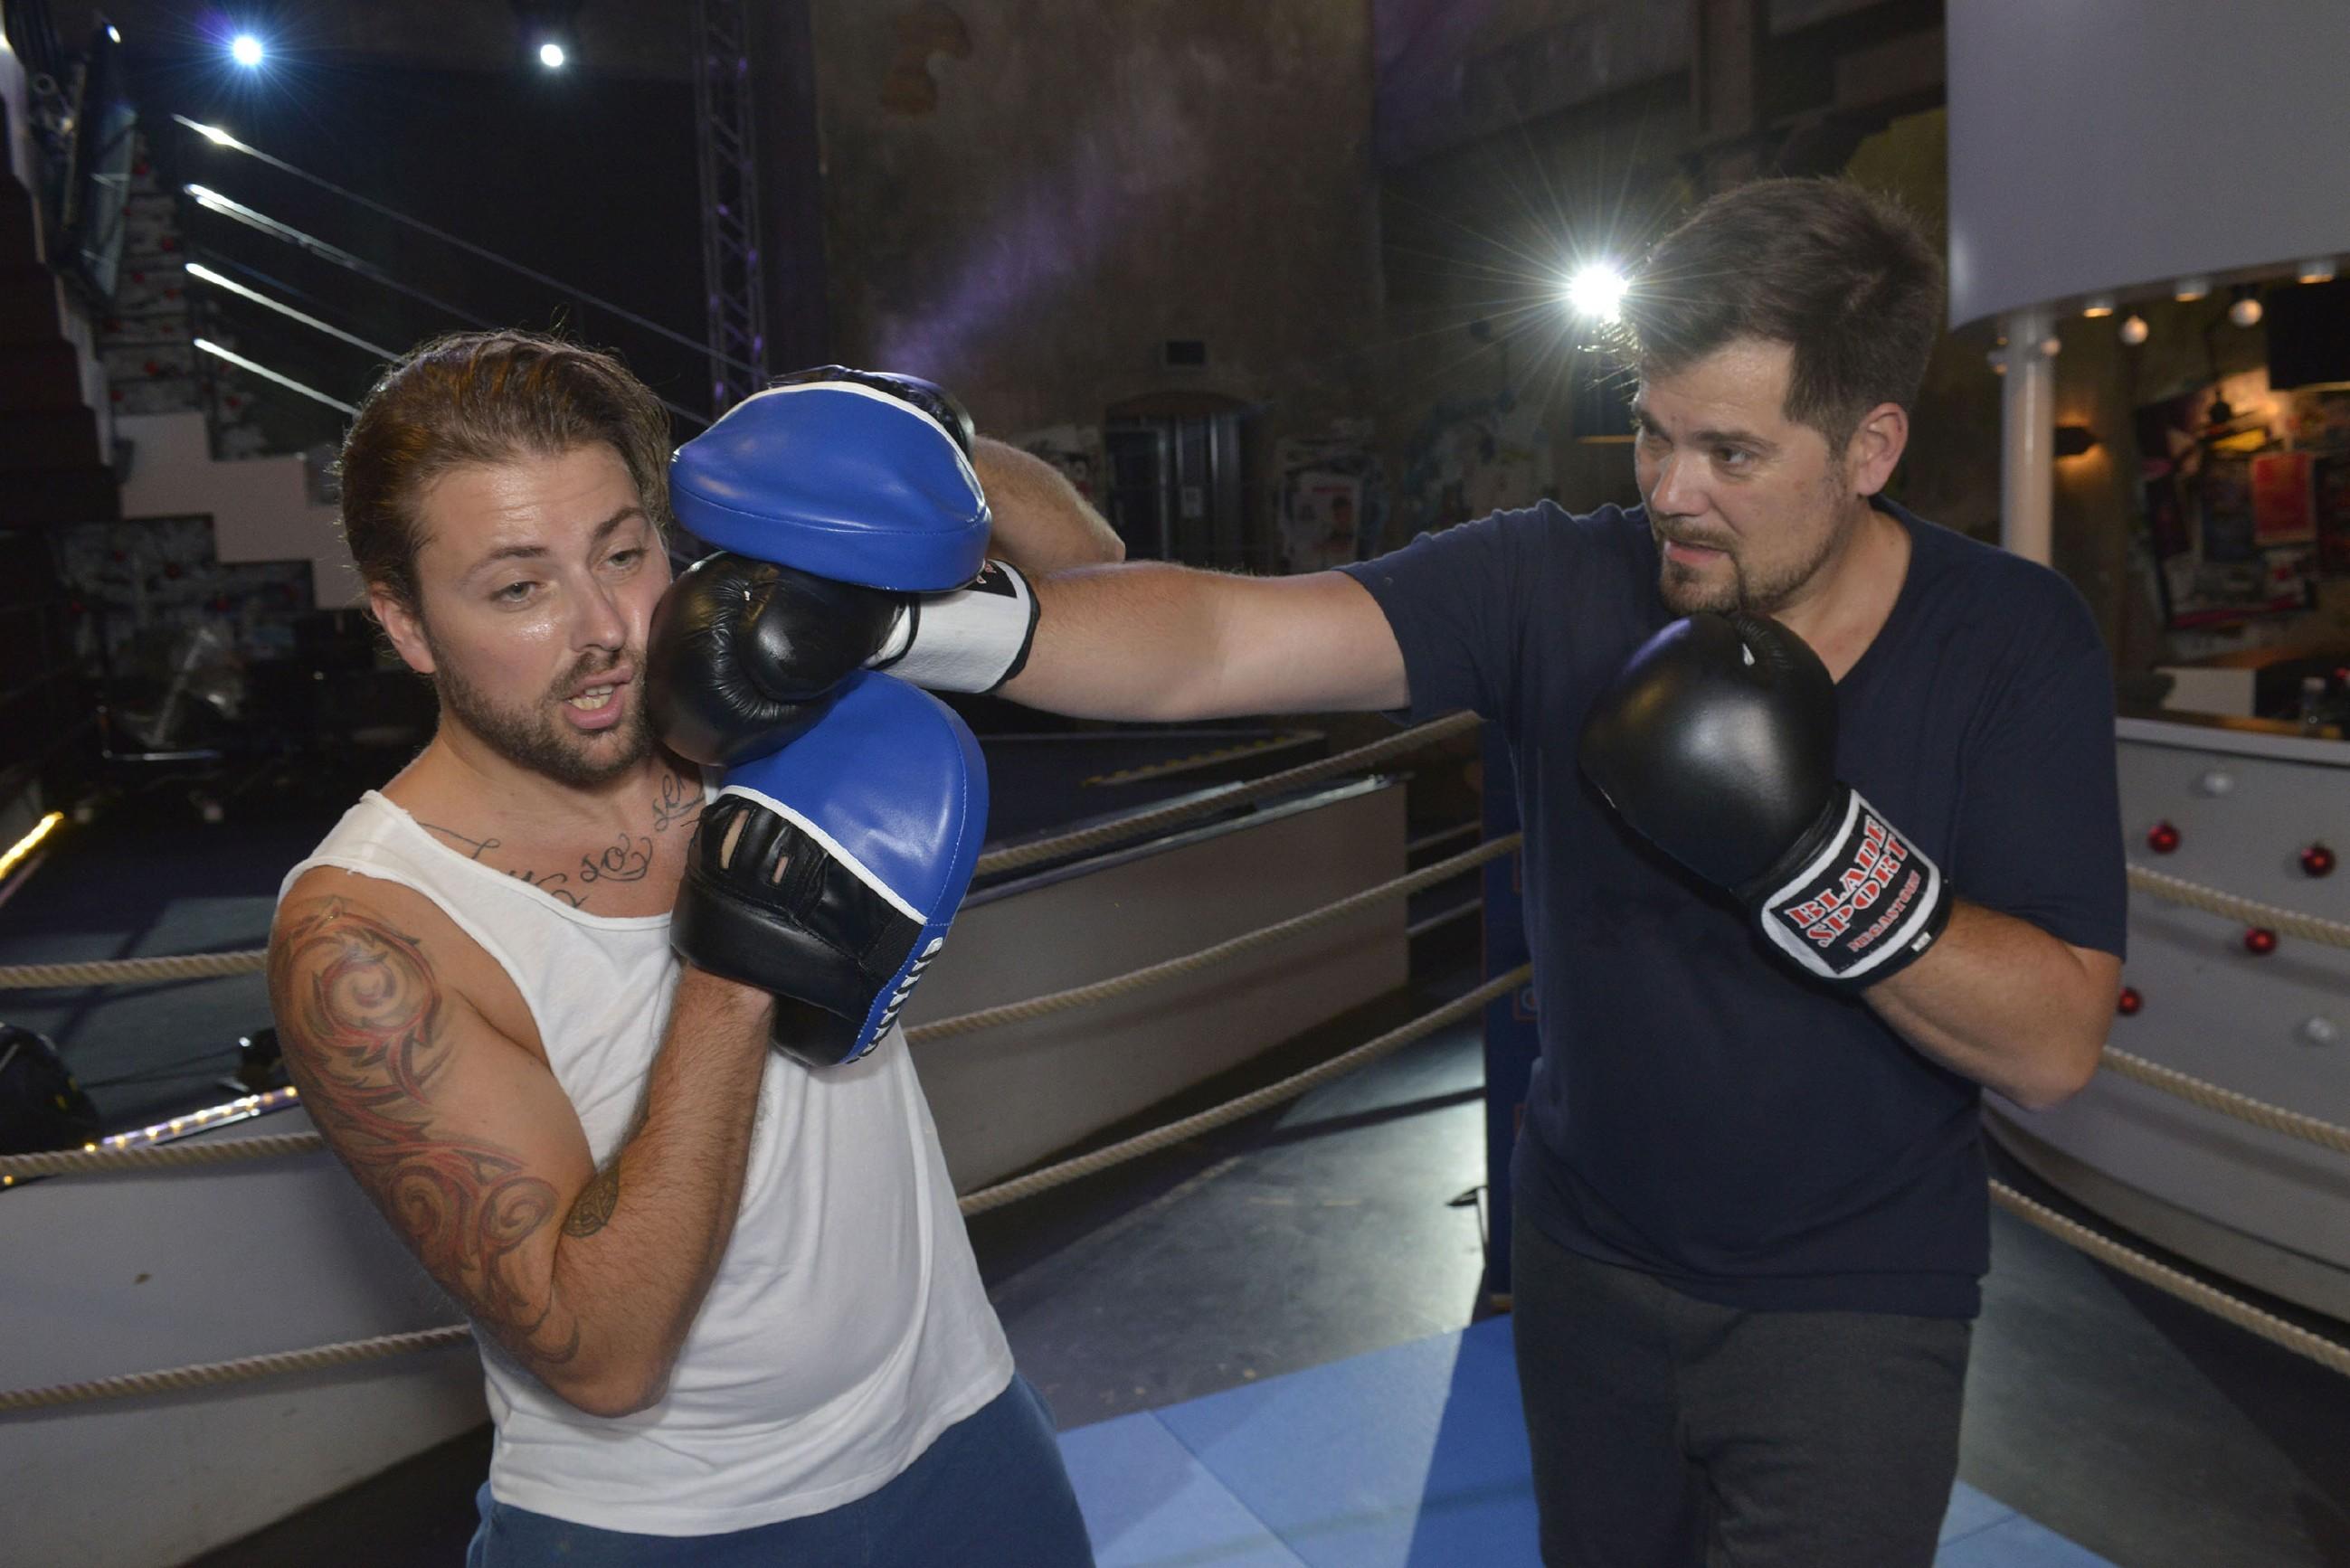 Leon (Daniel Fehlow r.) lässt sich auf das Box-Experiment ein und prügelt jedoch in seinem Frust immer härter auf John (Felix von Jascheroff) ein... (Quelle: RTL / Rolf Baumgartner)